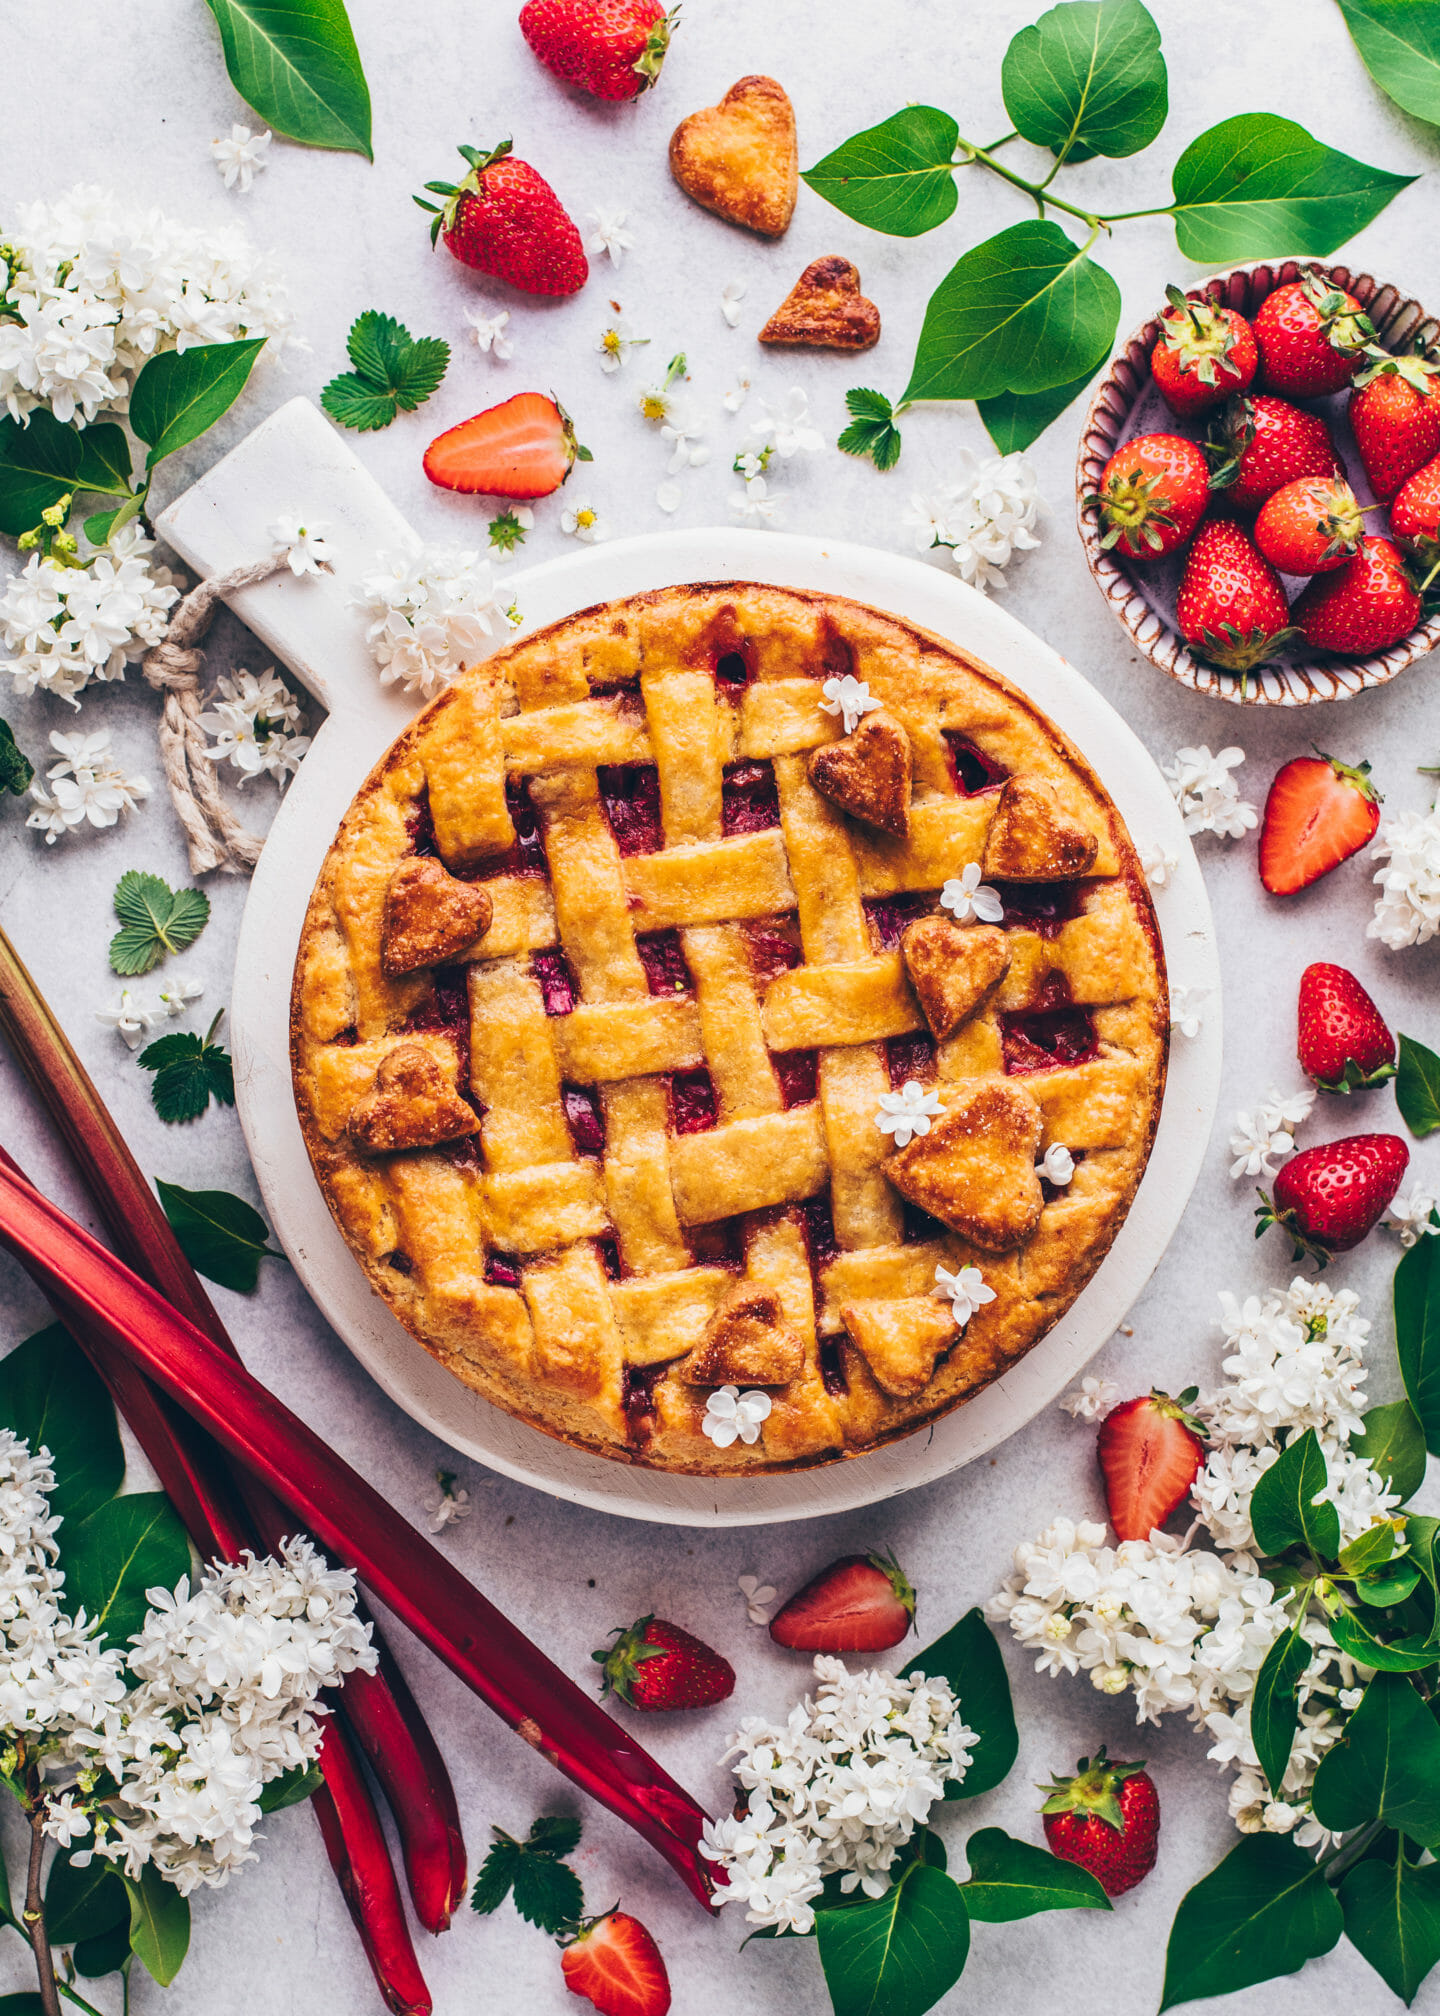 Erdbeer-Rhabarber Pie mit Gitter (Food Fotografie)